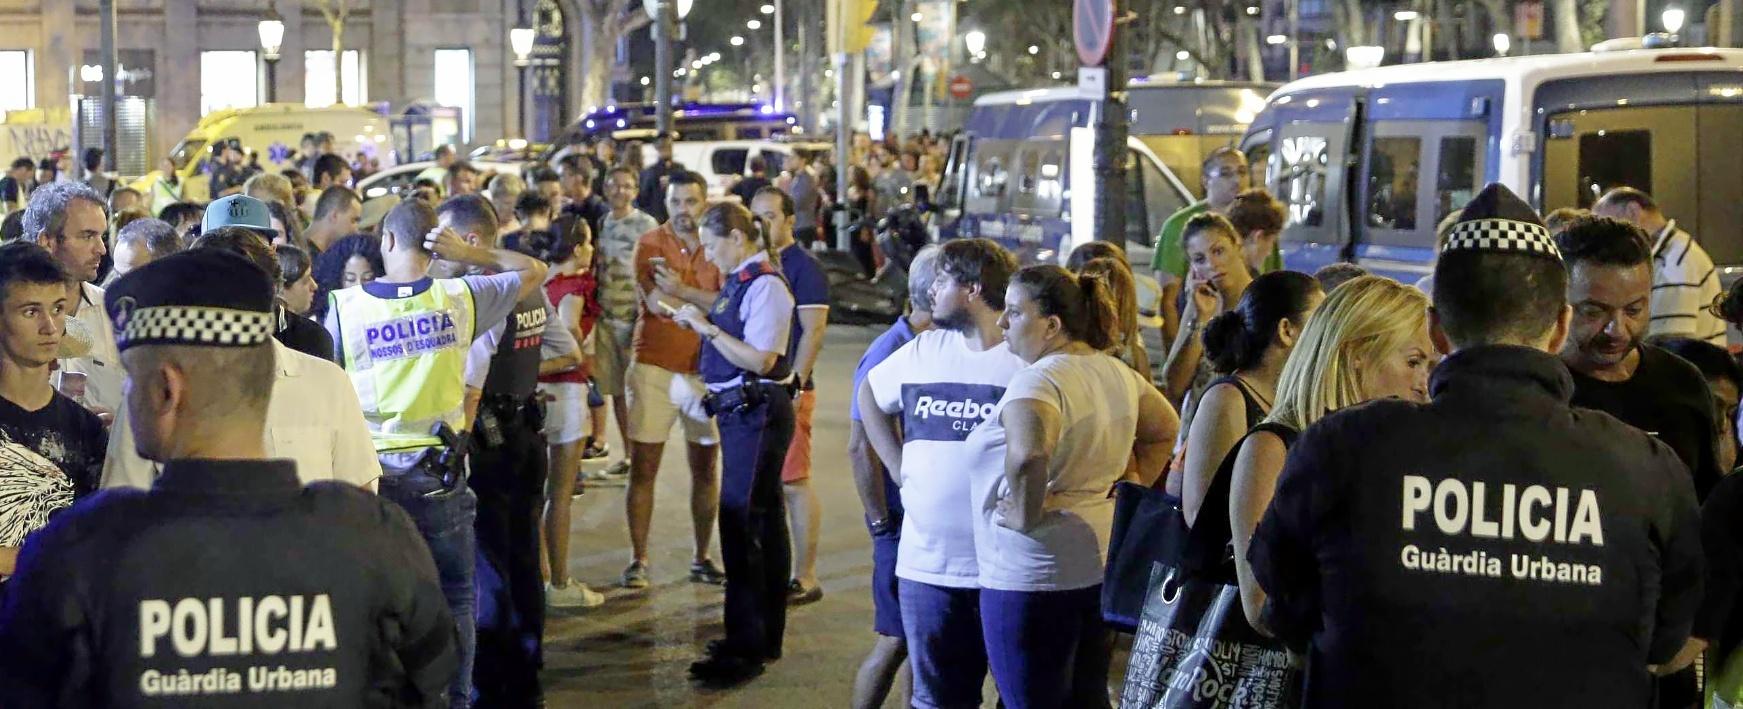 Miembros de las Fuerzas de Seguridad y los servicios de emergencia, en la Rambla de Barcelona pocas horas después del atentado del 17-A